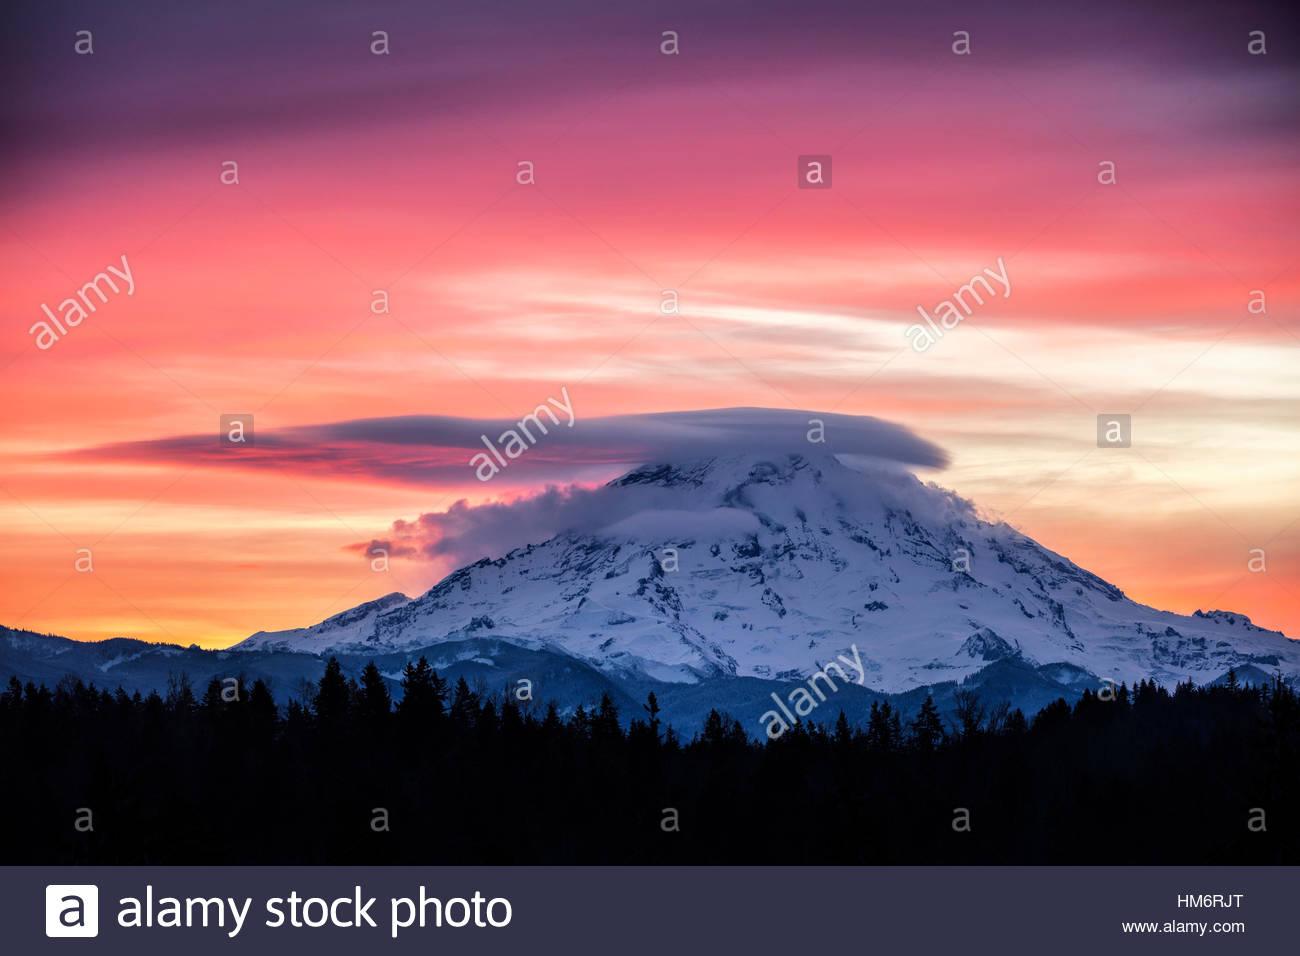 Un nuage lenticulaire caps le sommet du Mont Rainier au lever du soleil dans cette vue de Bonney Lake, Washington. Photo Stock